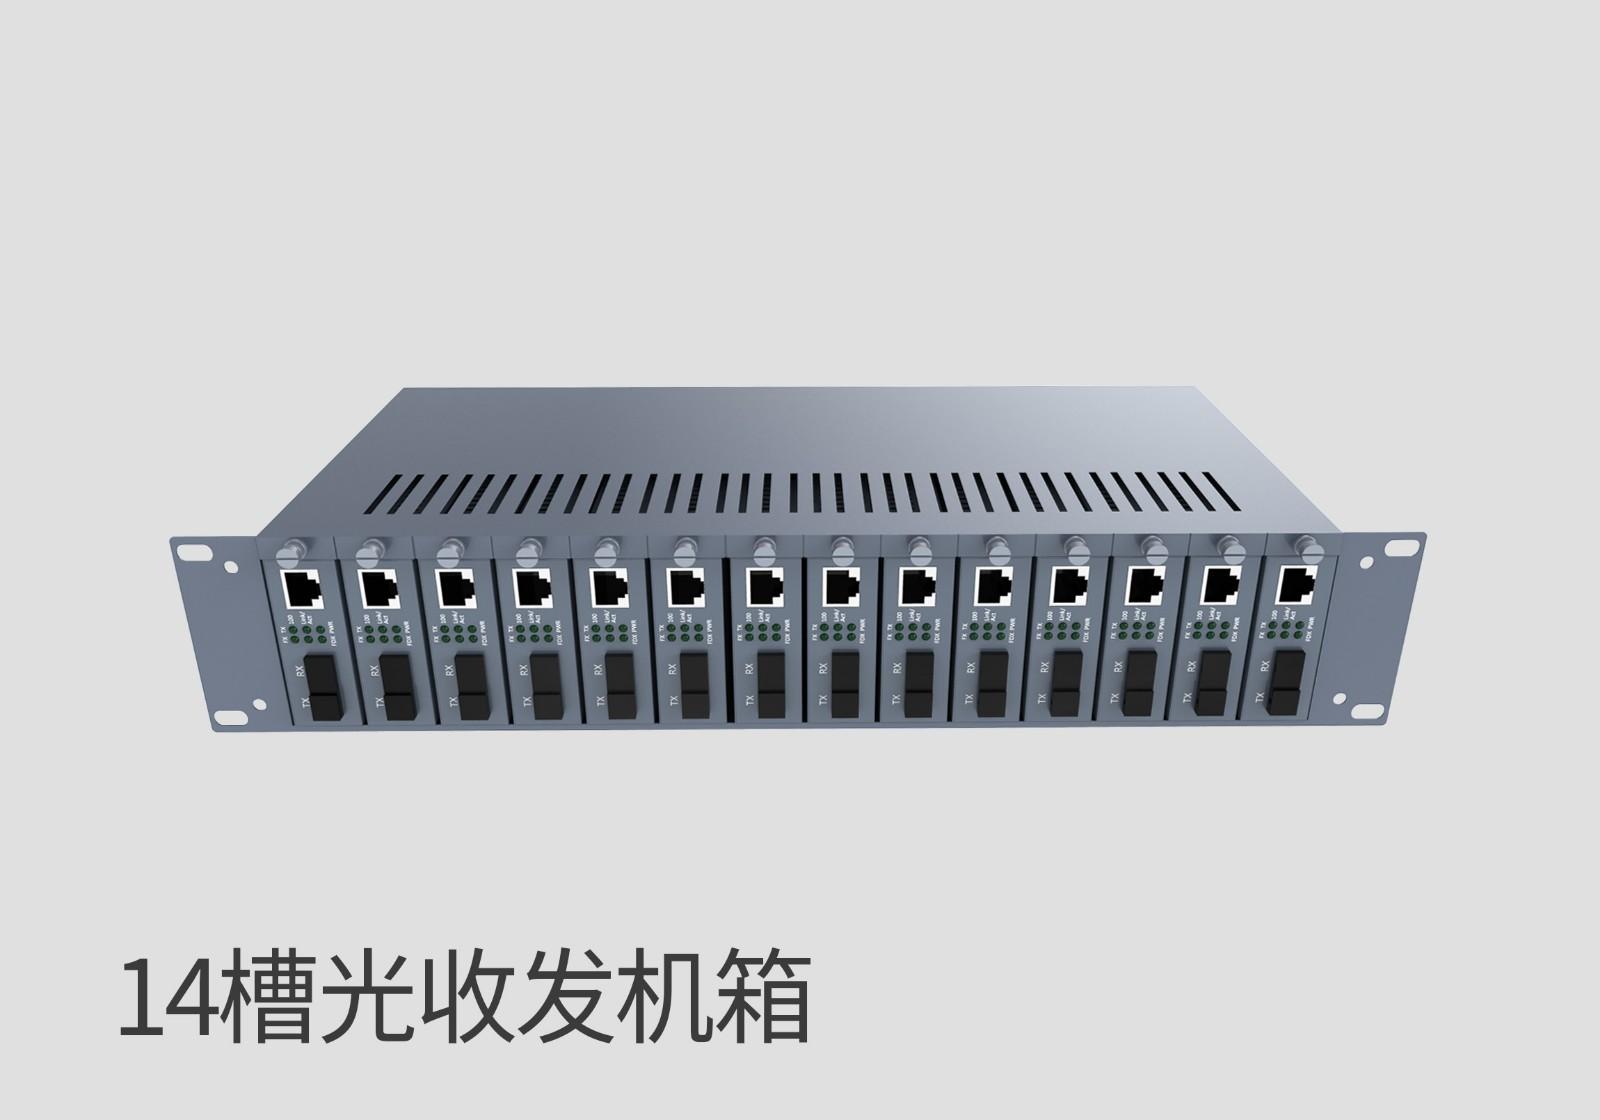 VT-FC1400